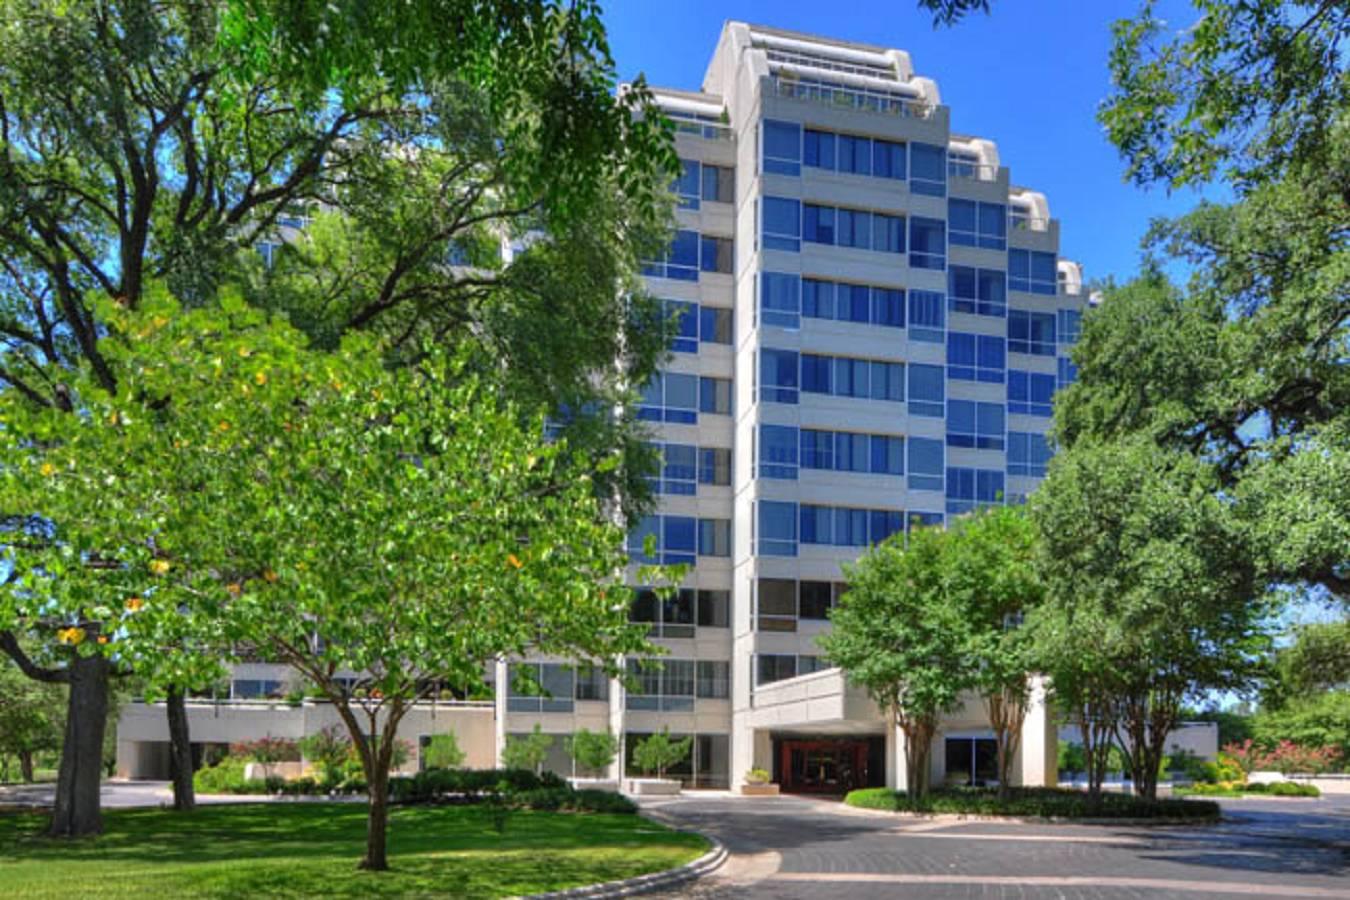 200  Patterson Unit 110a, San Antonio, TX - USA (photo 1)